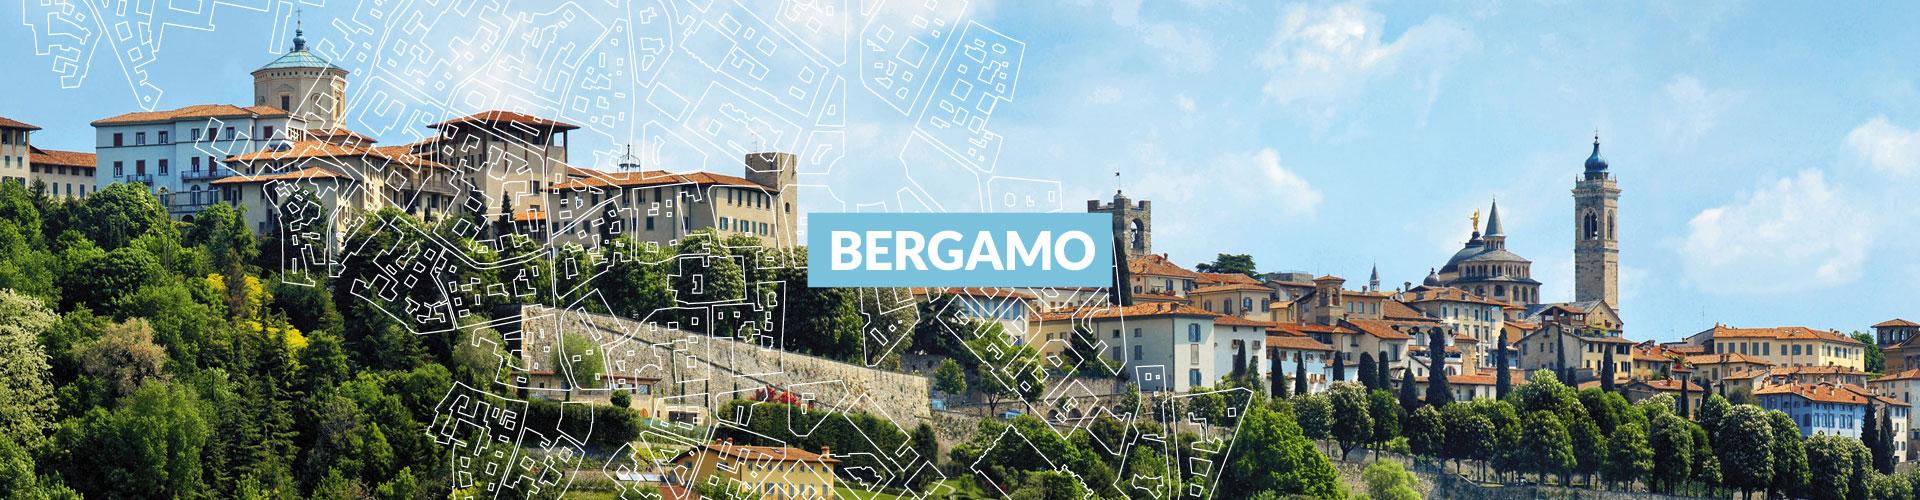 bergamo_slide-min